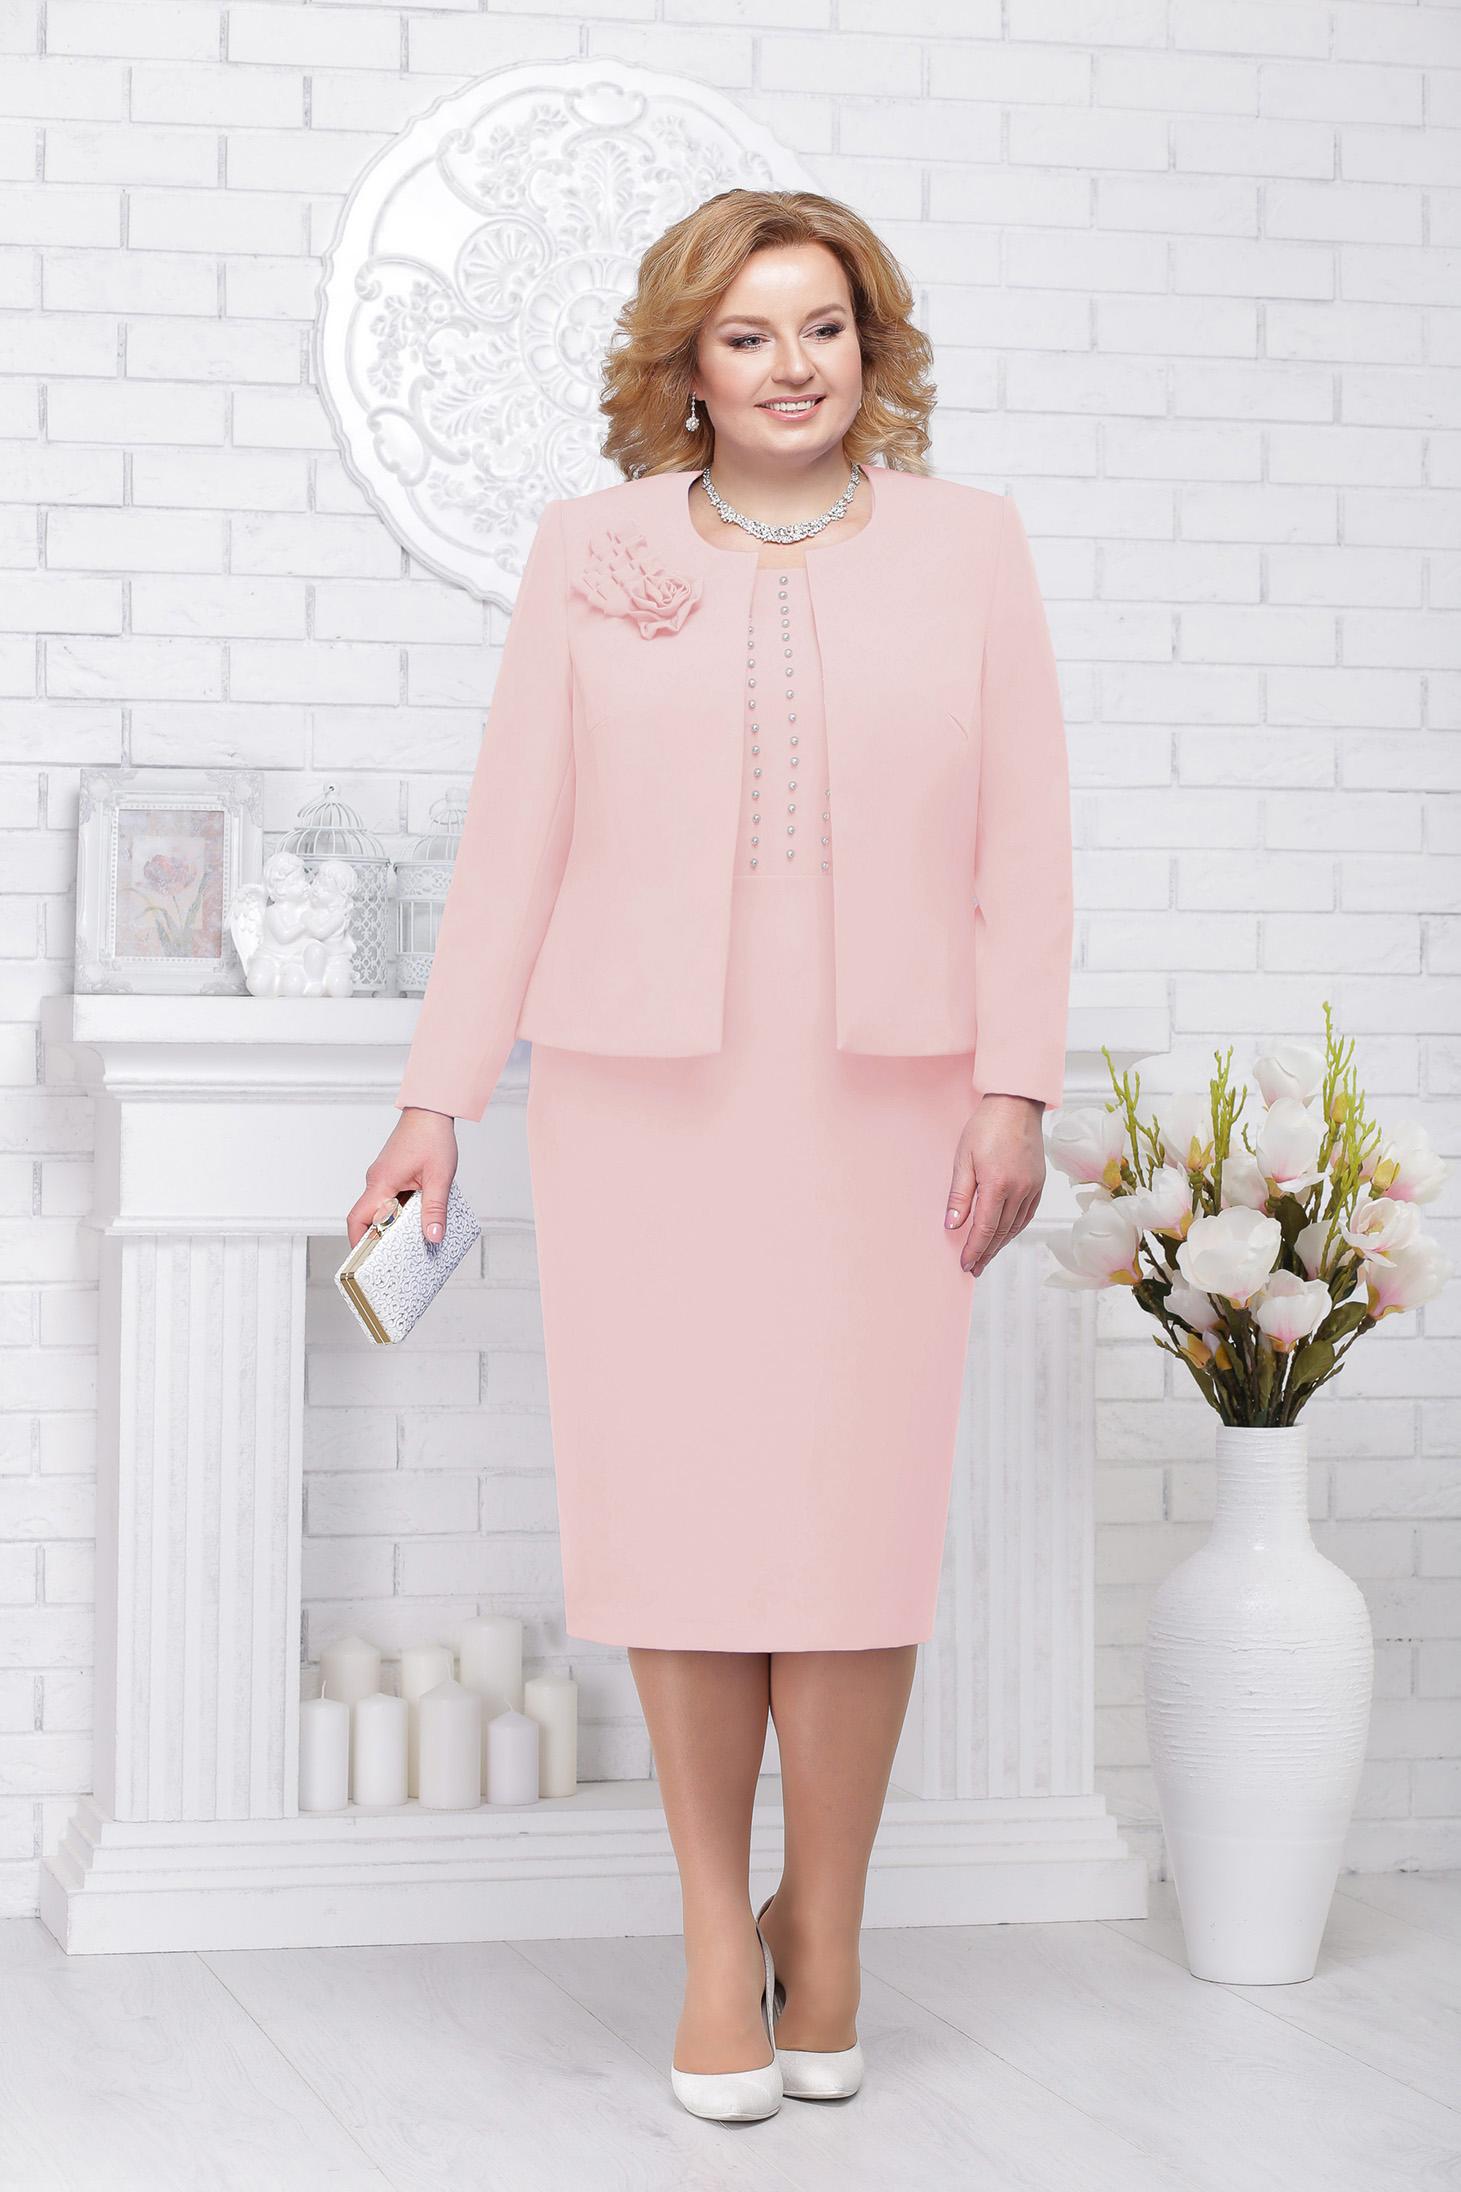 Compleu roz prafuit elegant din stofa cu aplicatii cu perle